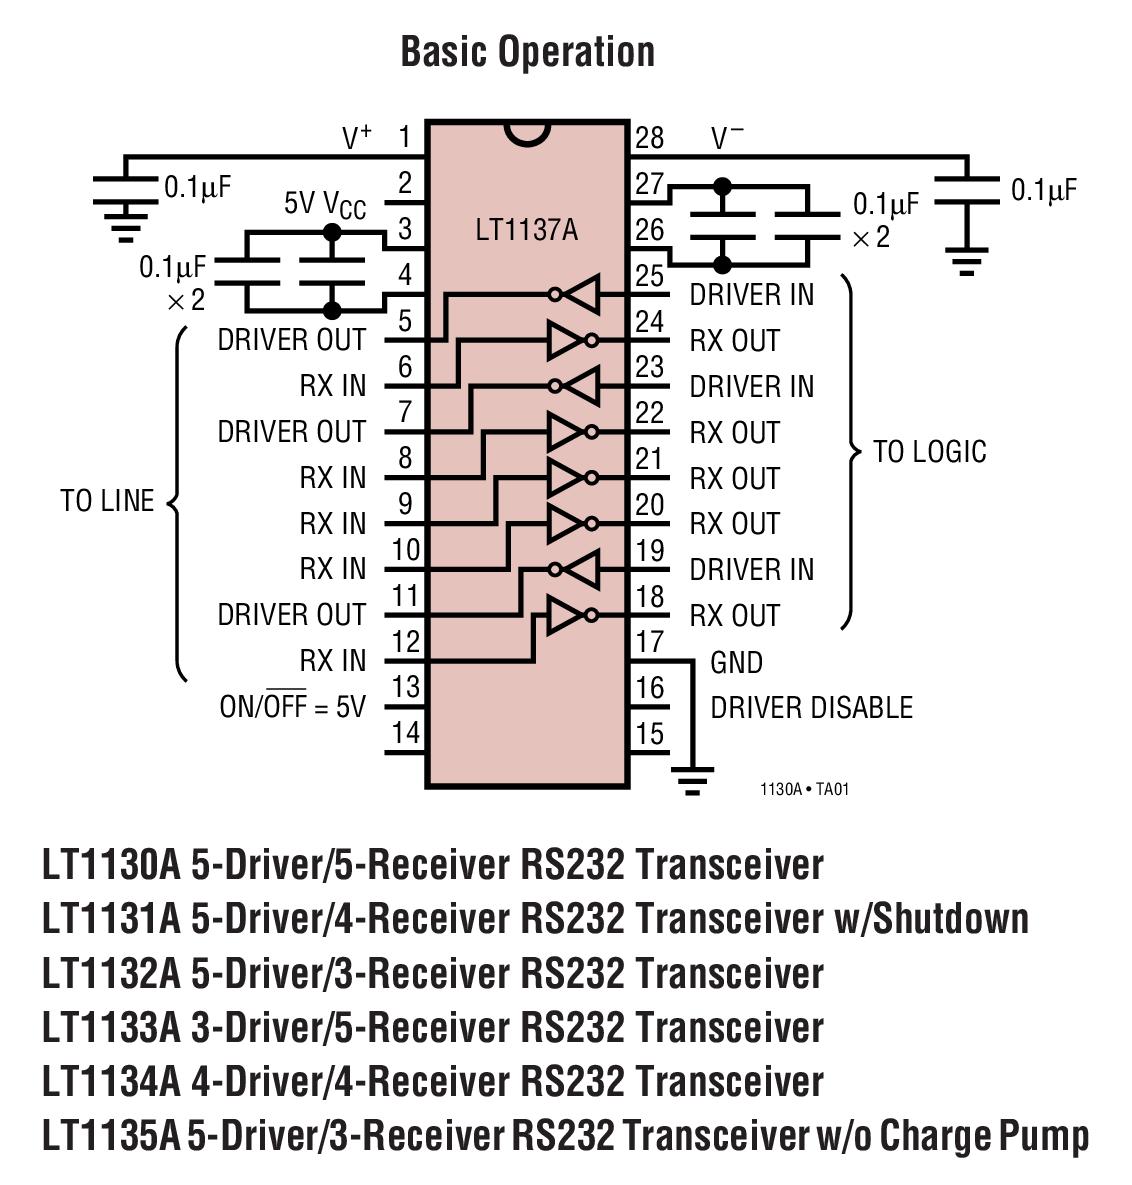 LT1138A 采用小电容器的先进低功率 5V RS232 驱动器 / 接收器